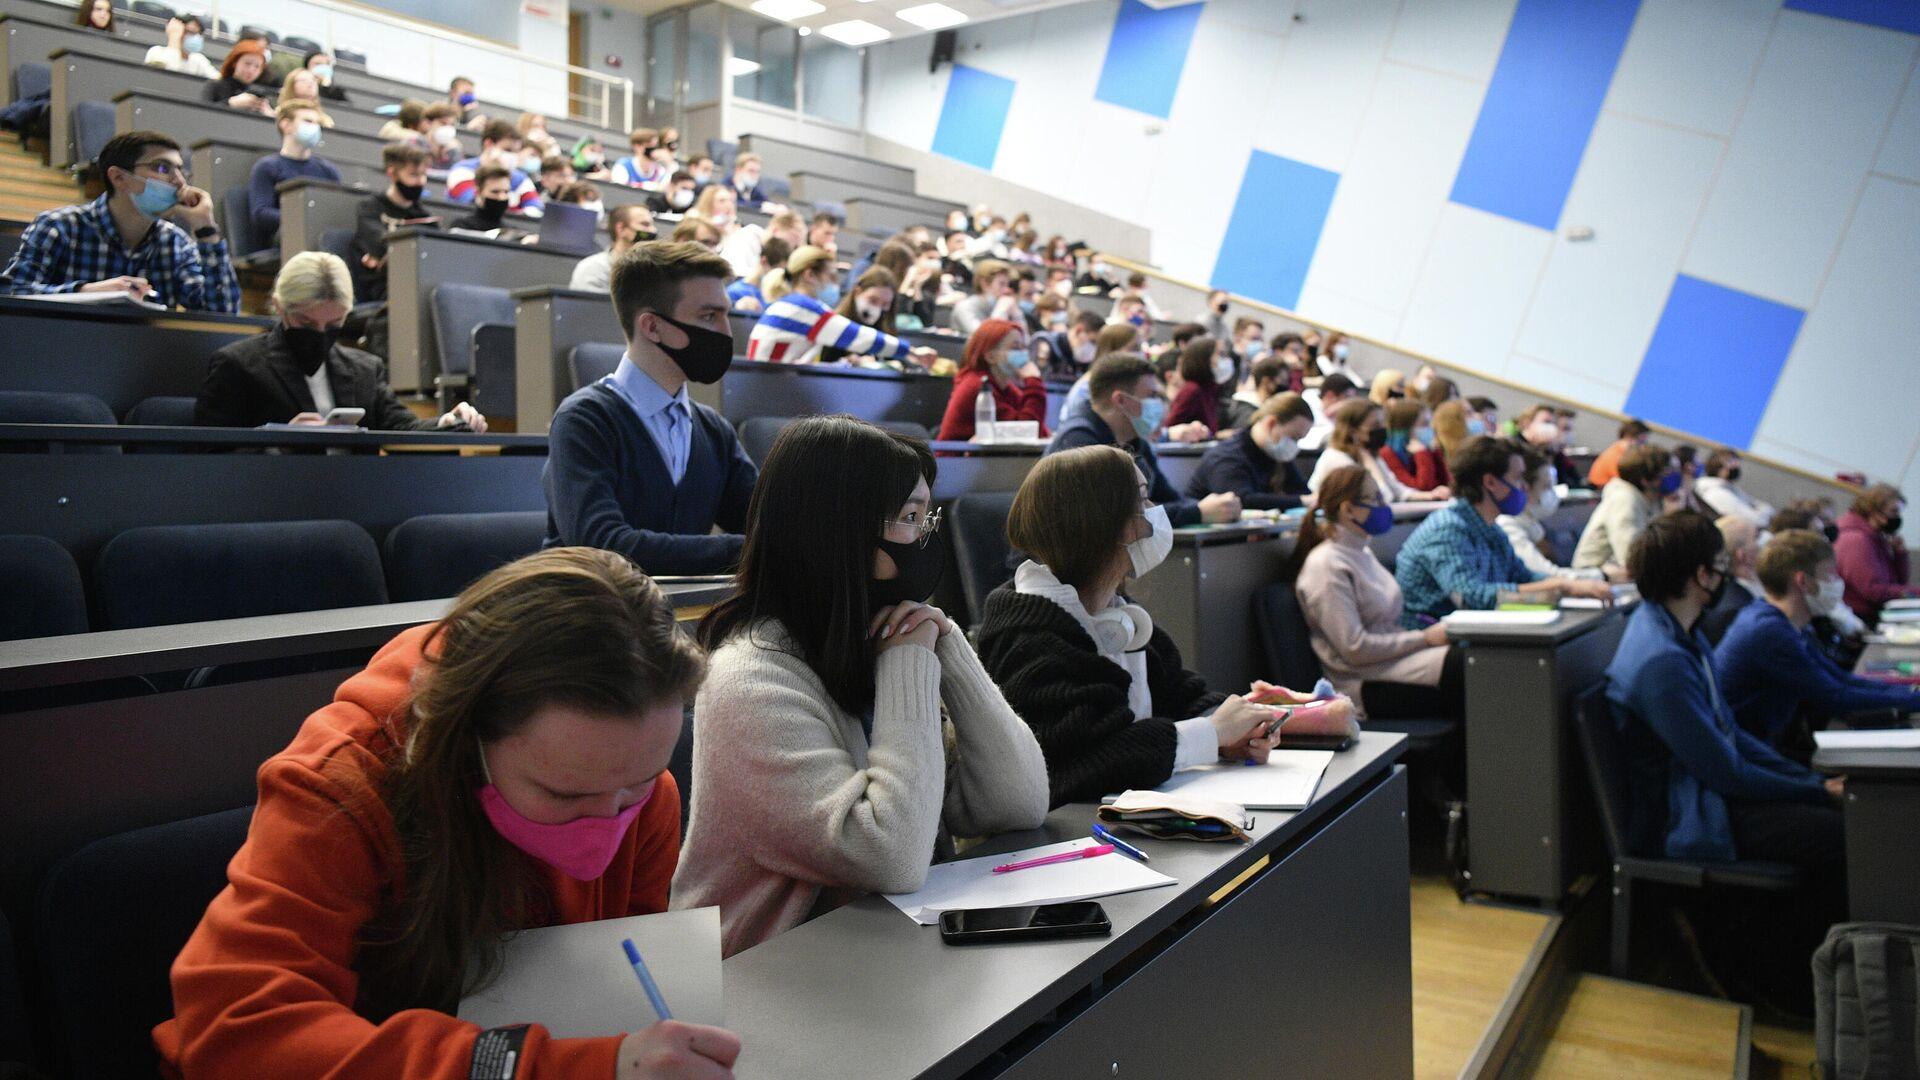 Студенты в аудитории - Sputnik Узбекистан, 1920, 13.10.2021